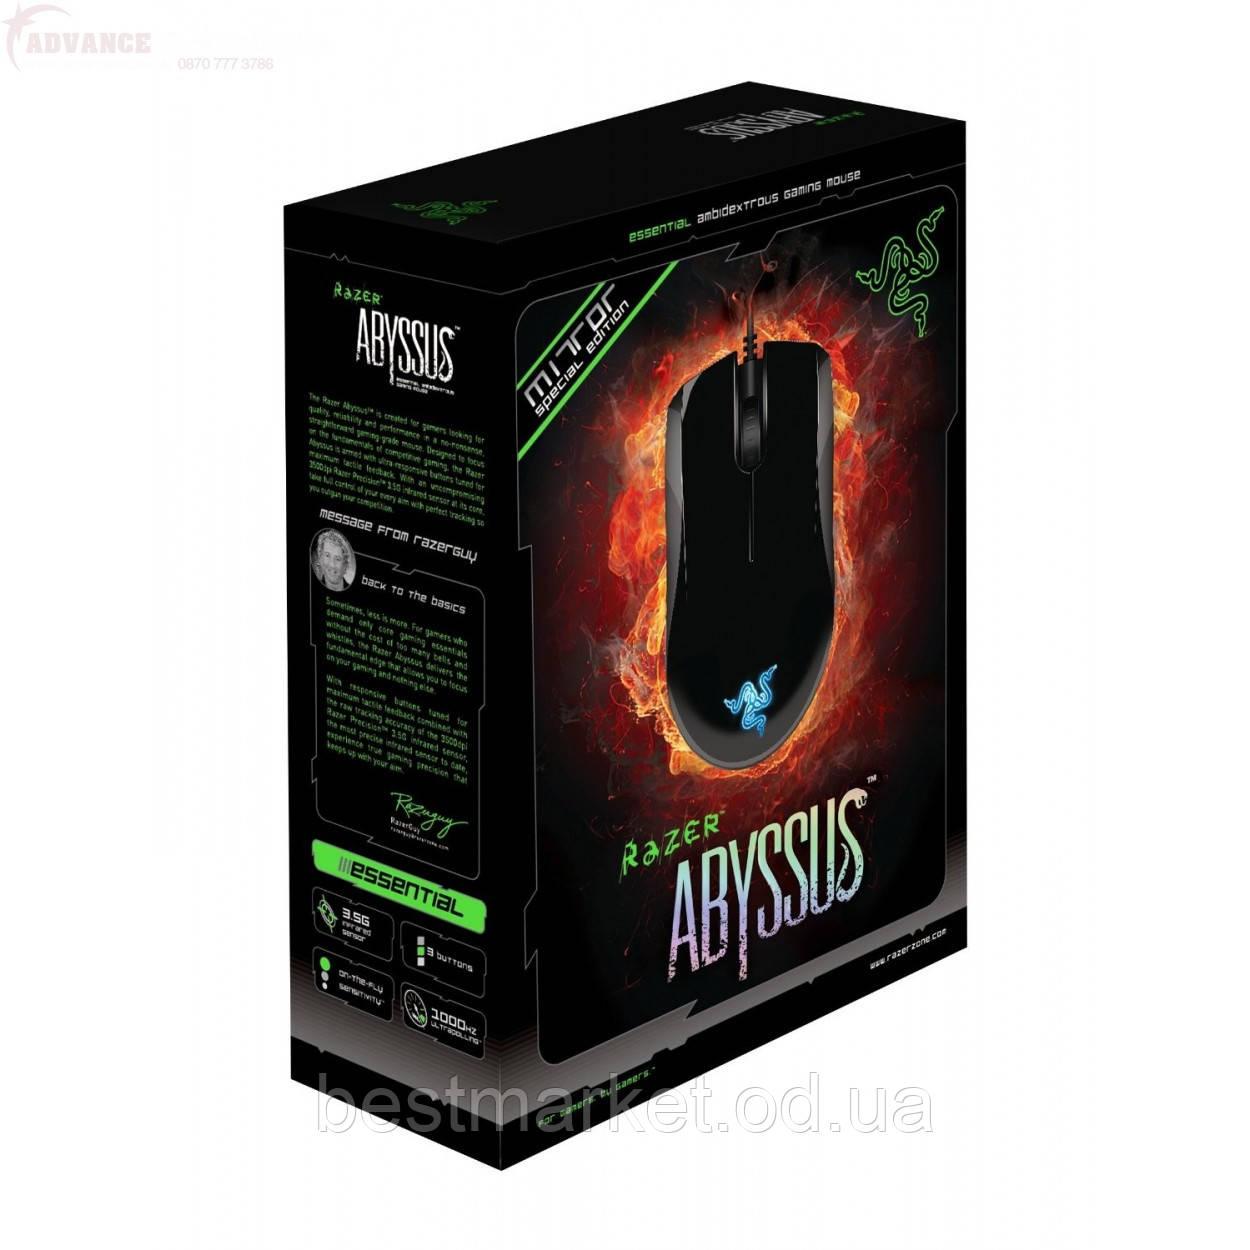 Игровая мышка Razer ABYSSUS